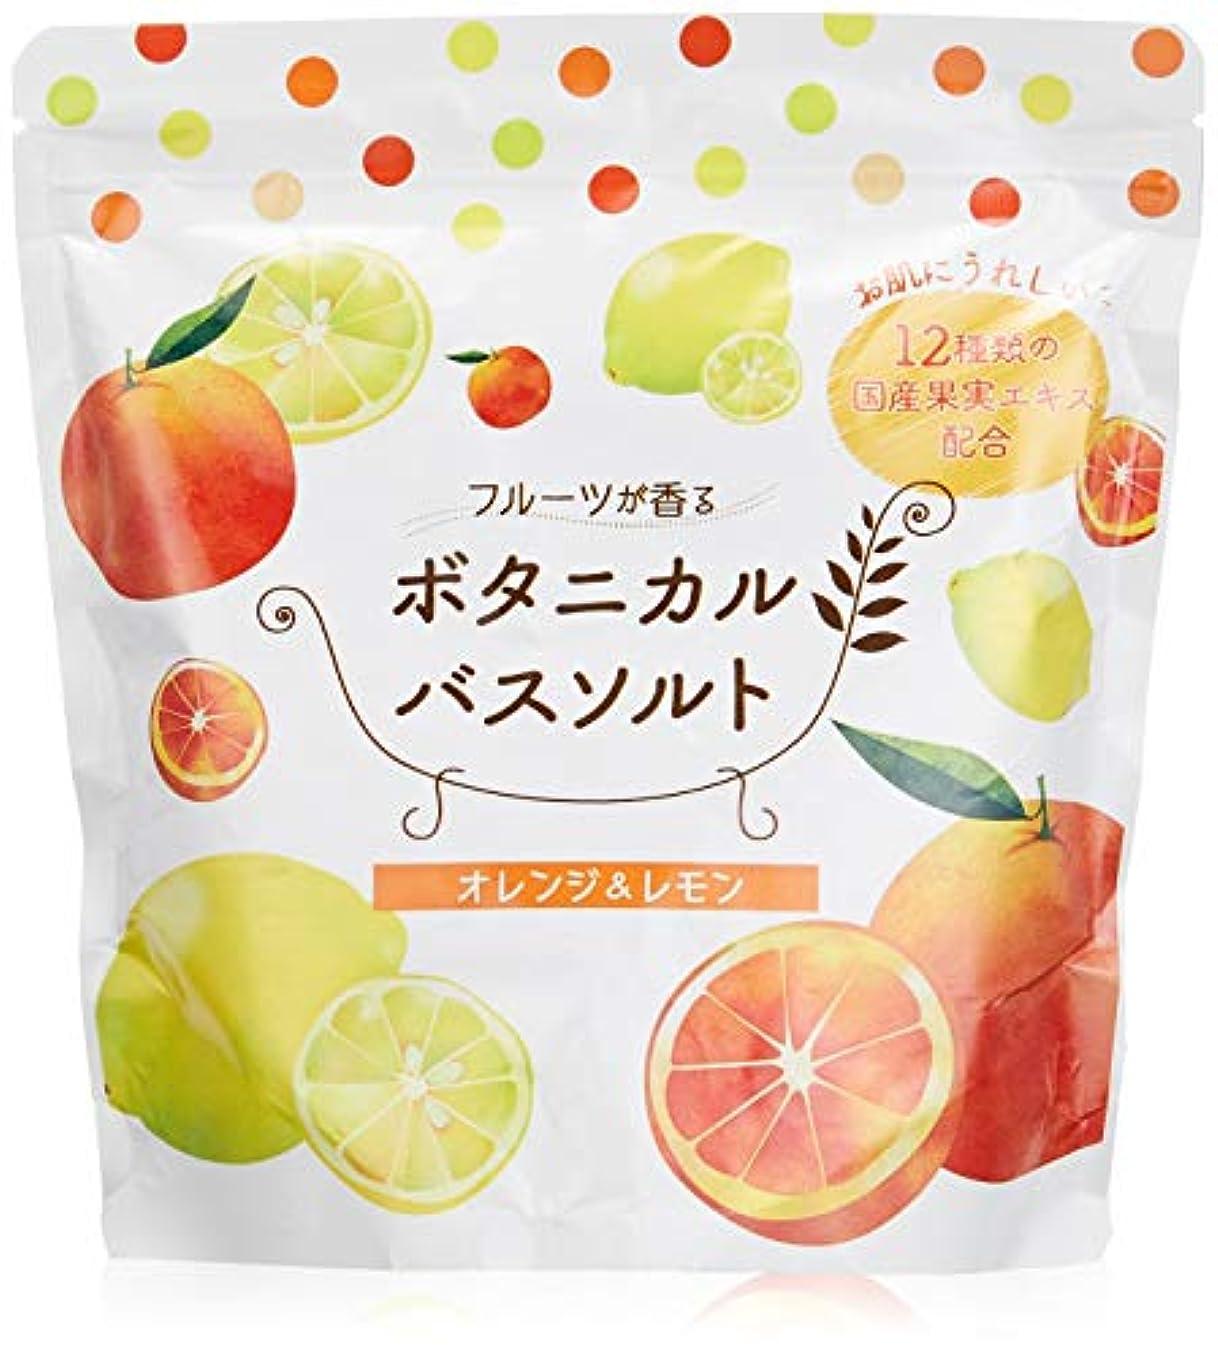 ソブリケット国歌磨かれた松田医薬品 フルーツが香るボタニカルバスソルト 入浴剤 オレンジ レモン 450g